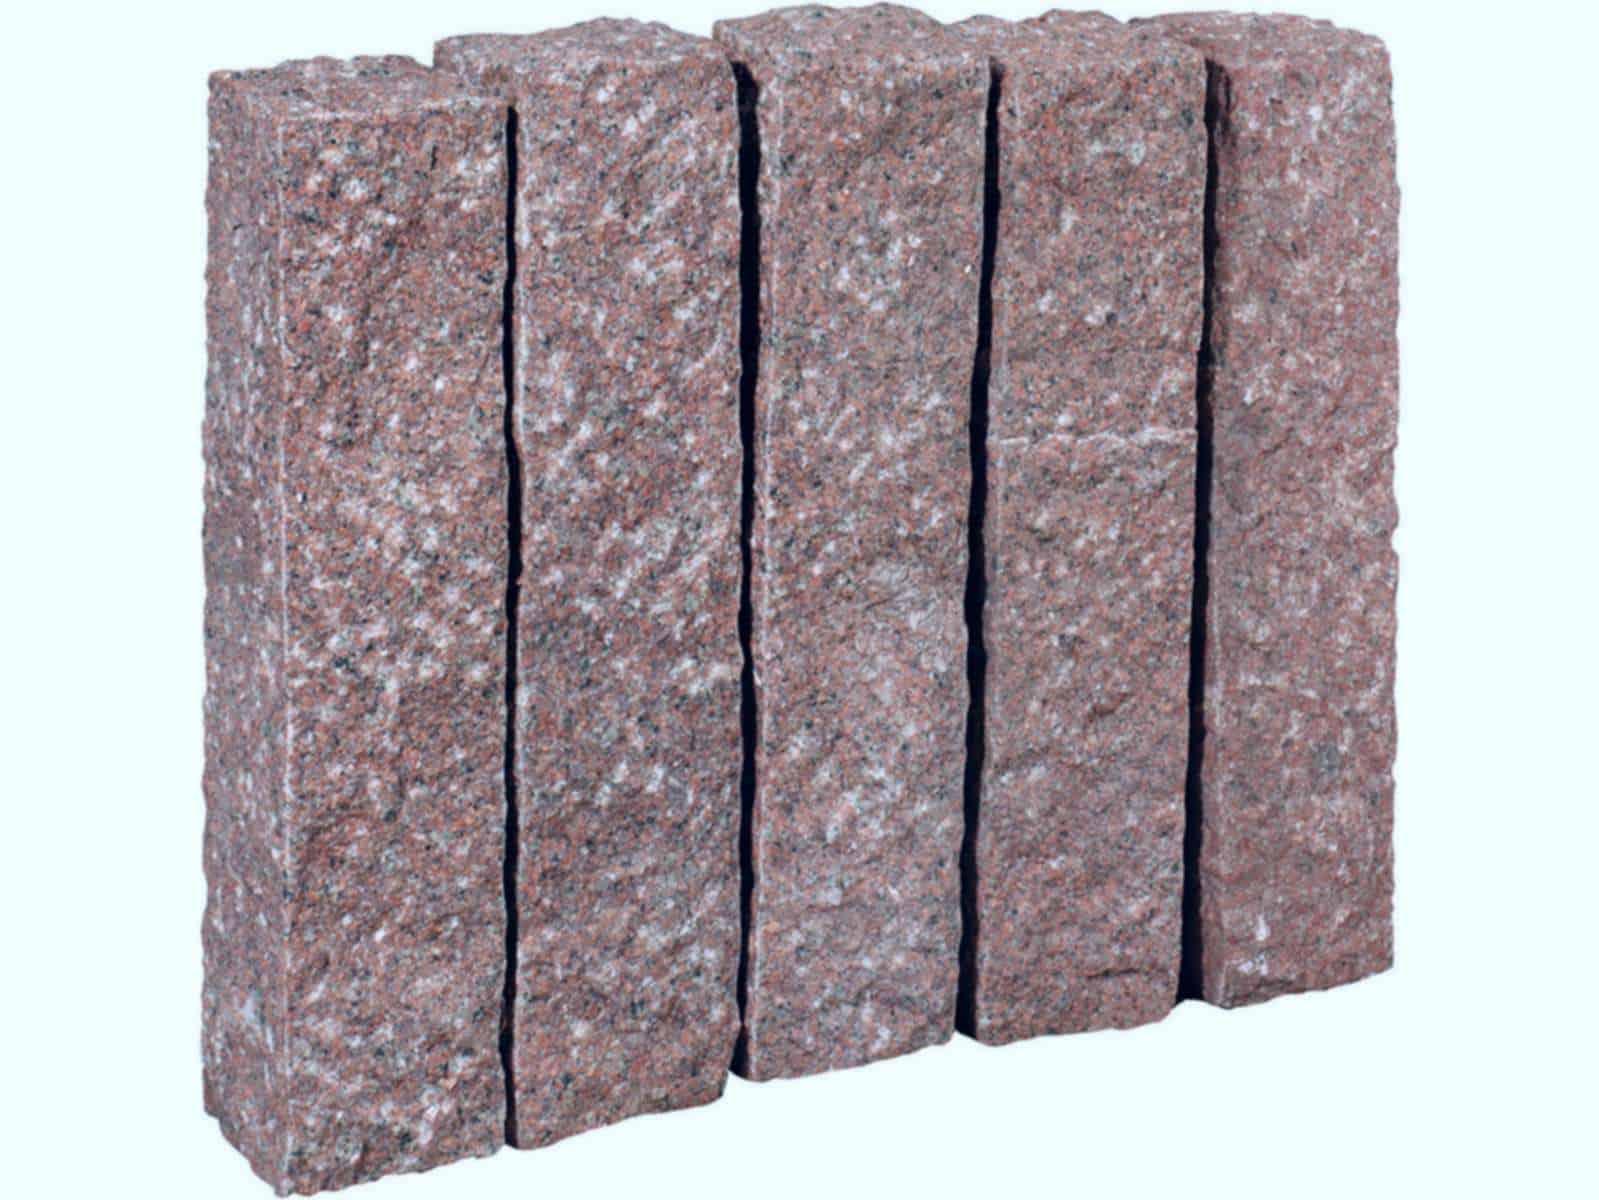 Palisade aus Granit Zora. Die grob gestockten/gespitzten Granitpalisaden sind handgearbeitet und dennoch relativ maflhaltig.